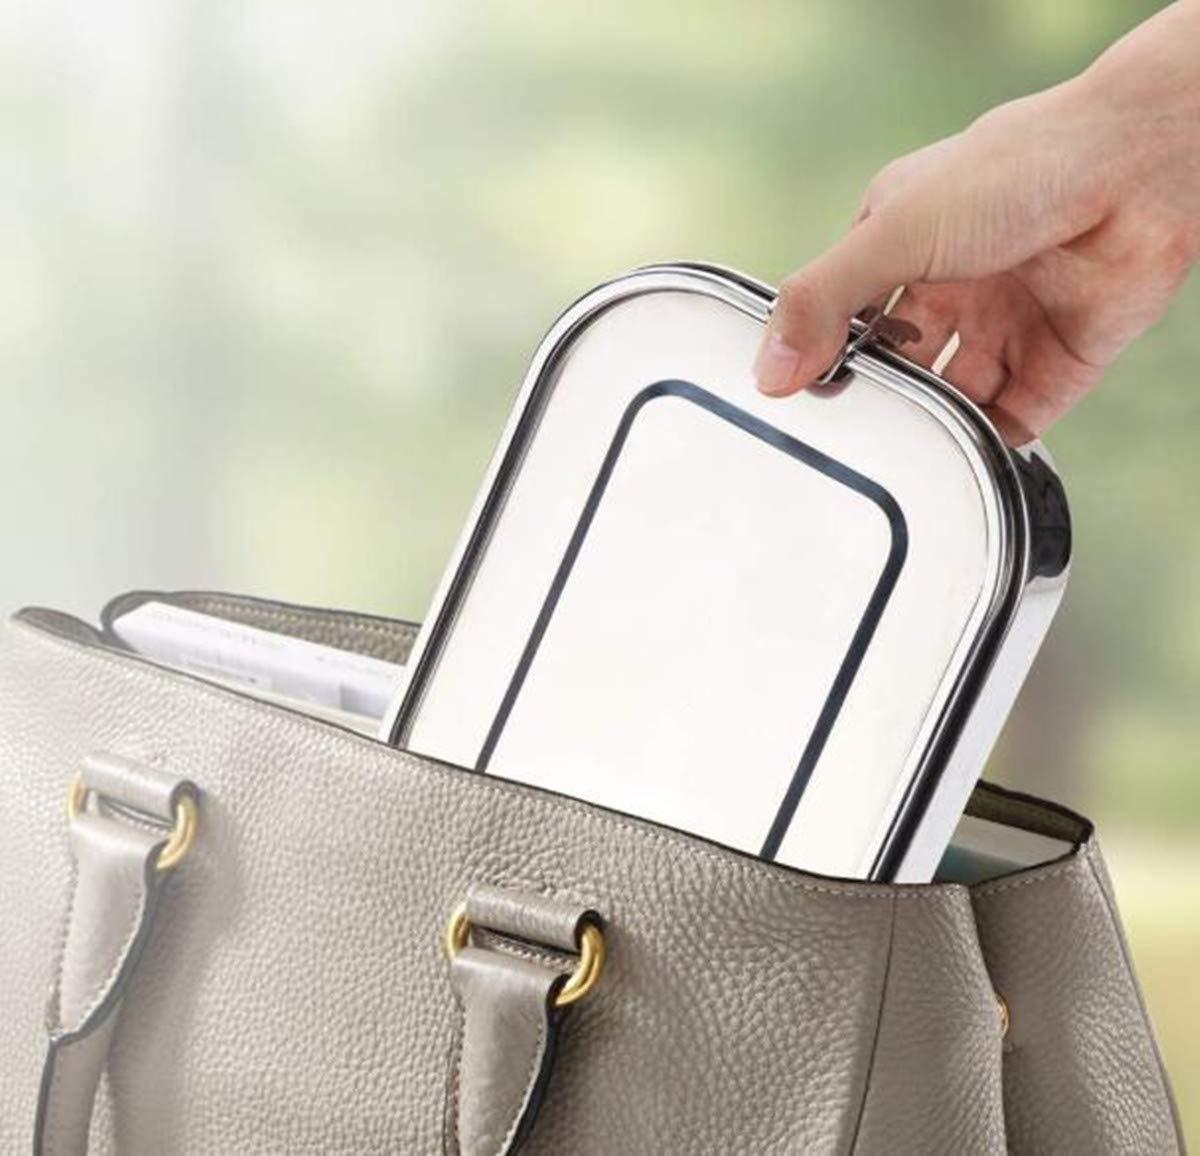 FOOLS ALIBAI Auslaufsichere Brotdose aus Edelstahl, Bento-Box, Metall-Lunchbehälter mit 3 Fächern, 1200 ml, für Kinder oder Erwachsene, sicher ohne Kunststoff & BPA (1.2L)